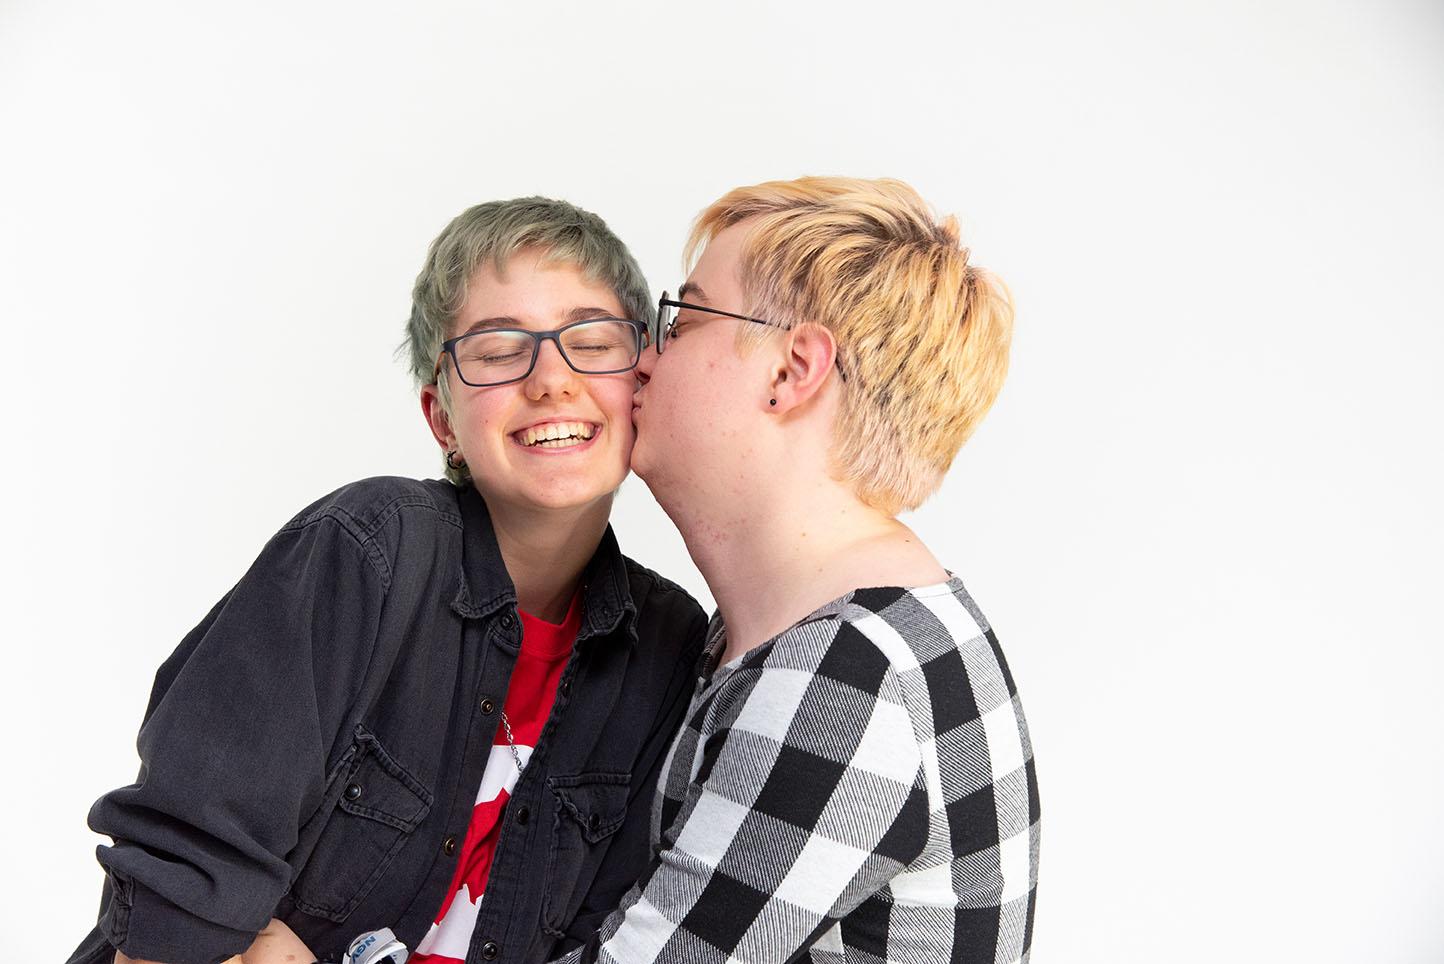 Das Bild zeigt Zwei Personen die eine Person gibt der anderen einen Kuss auf die Wange.